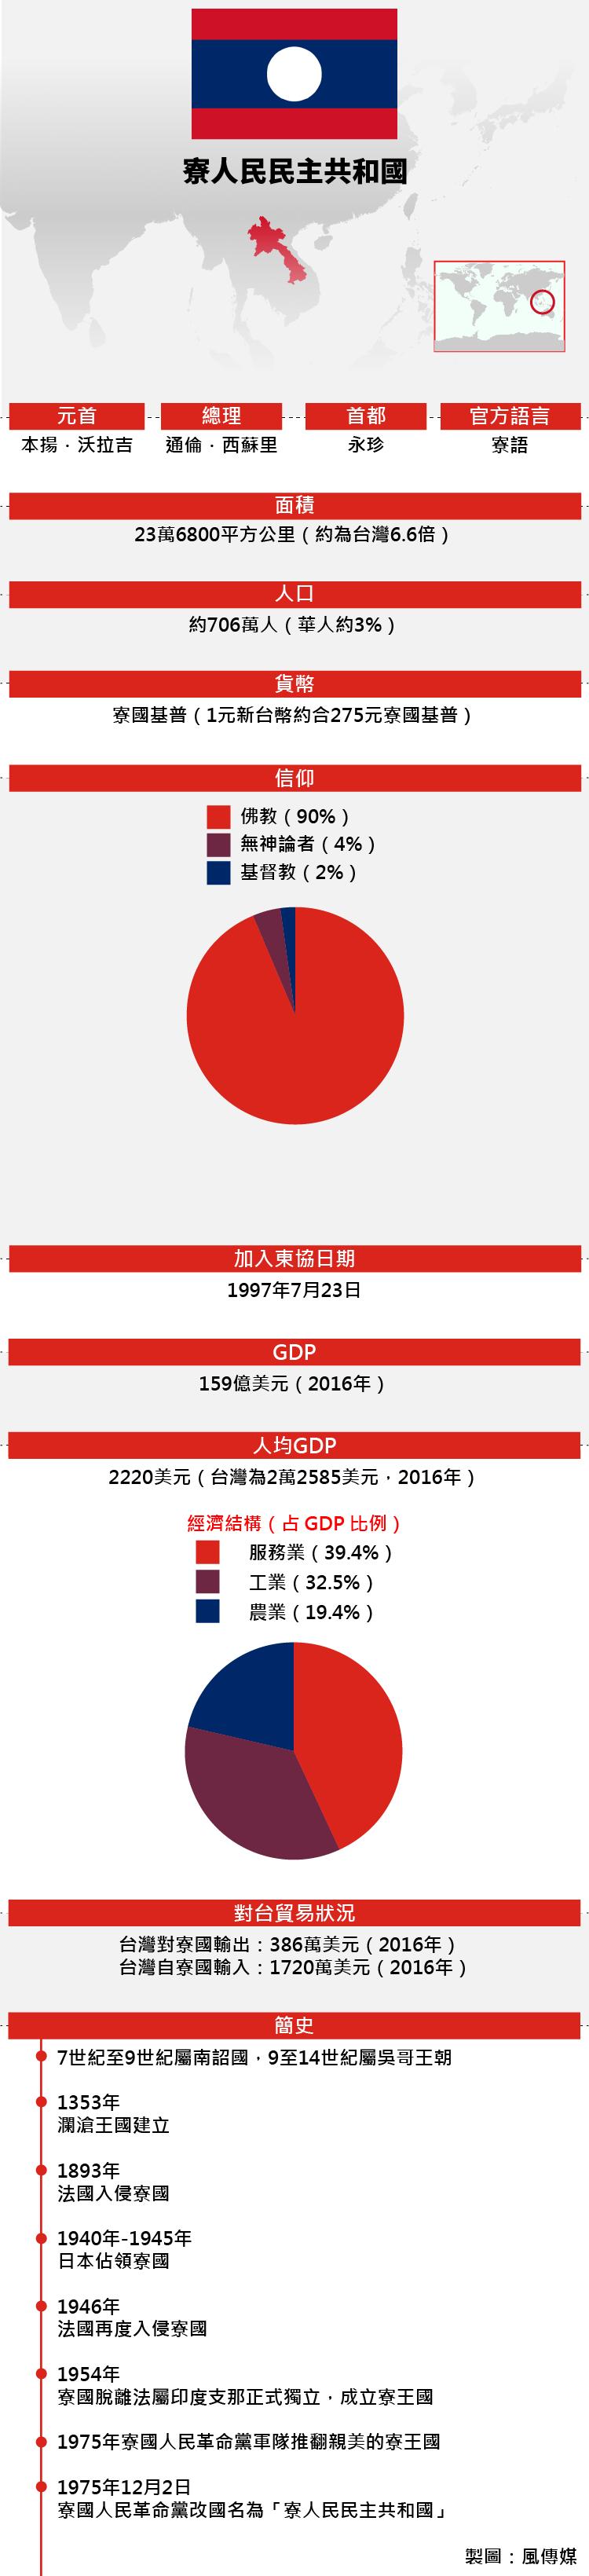 東協成員:寮國基本資料(風傳媒)